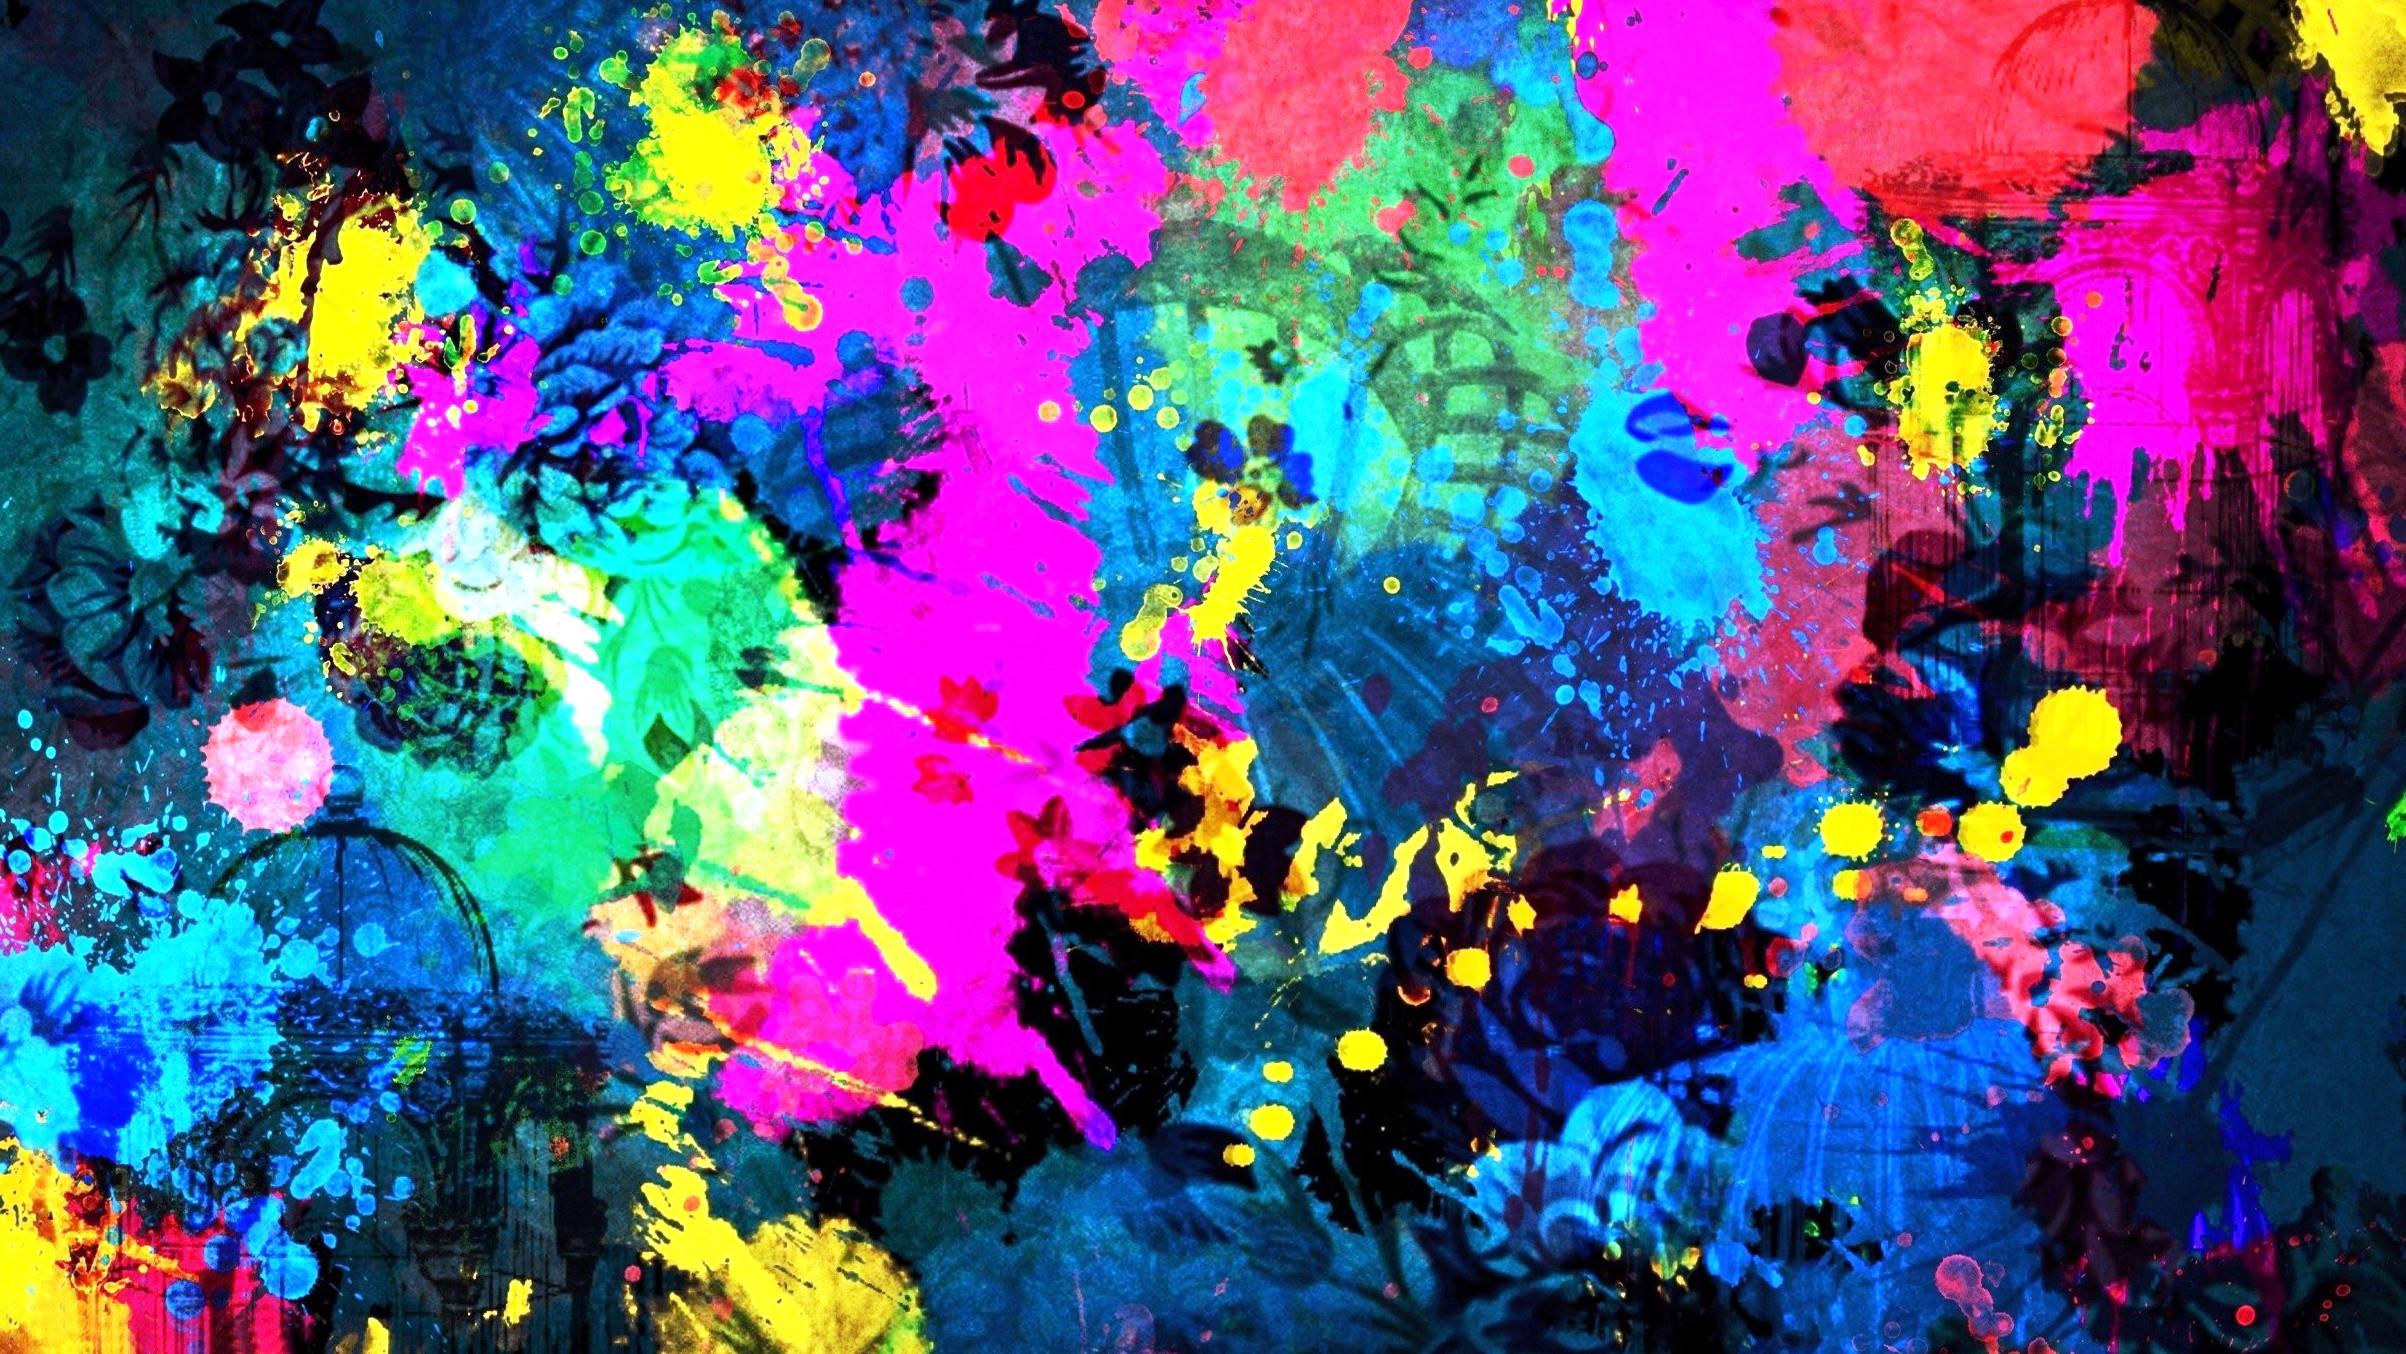 HD, Abstract, Art, Wallpaper, Widescreen, High Resolution Digital Photos,  Widescreen